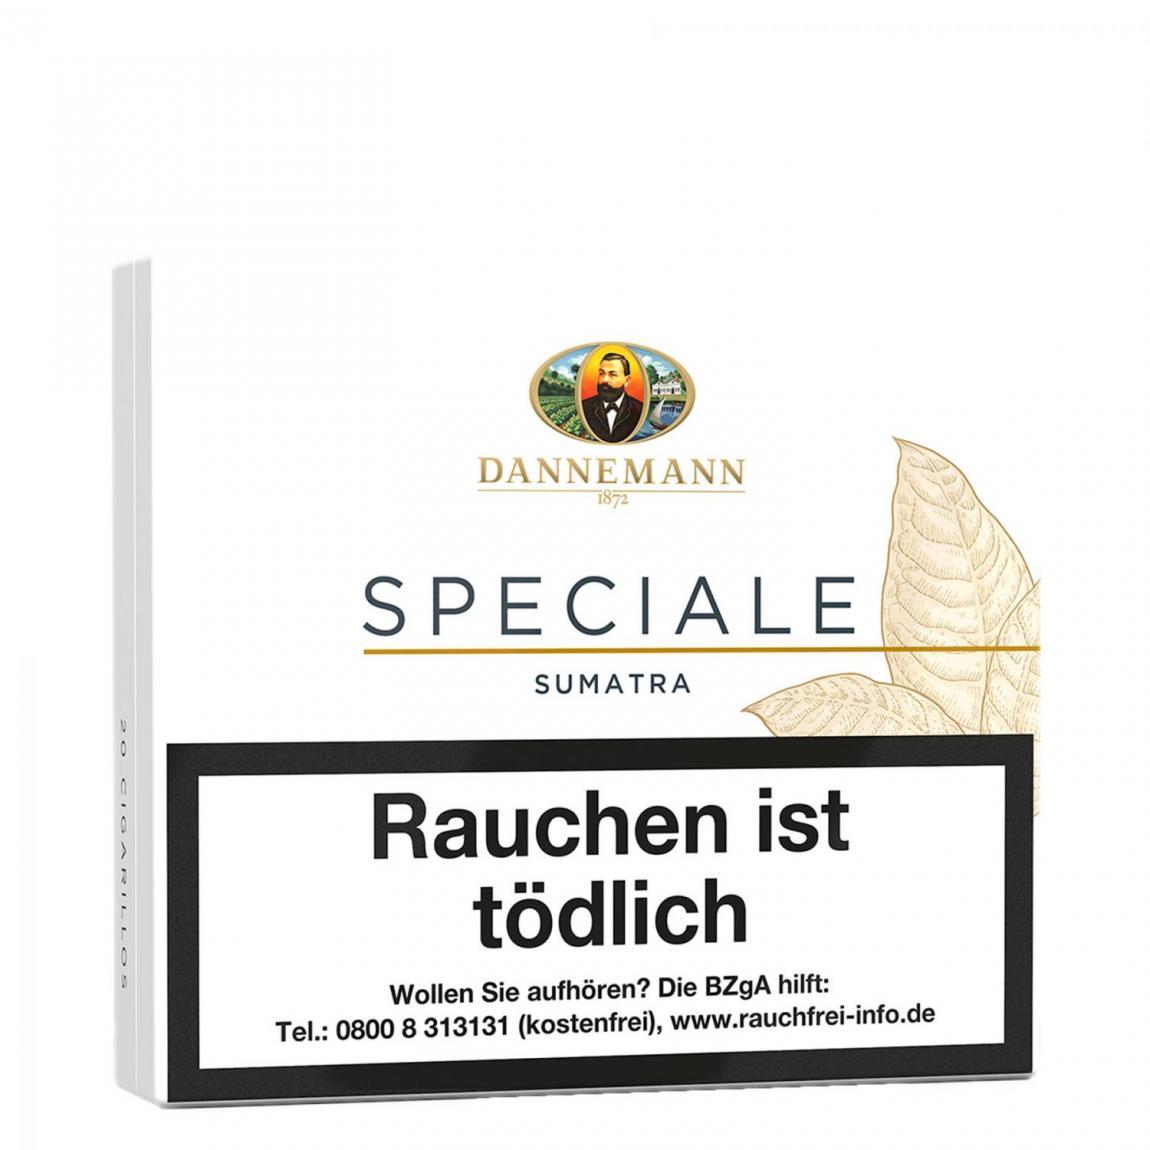 Dannemann »Speciale« Zigarillos Sumatra